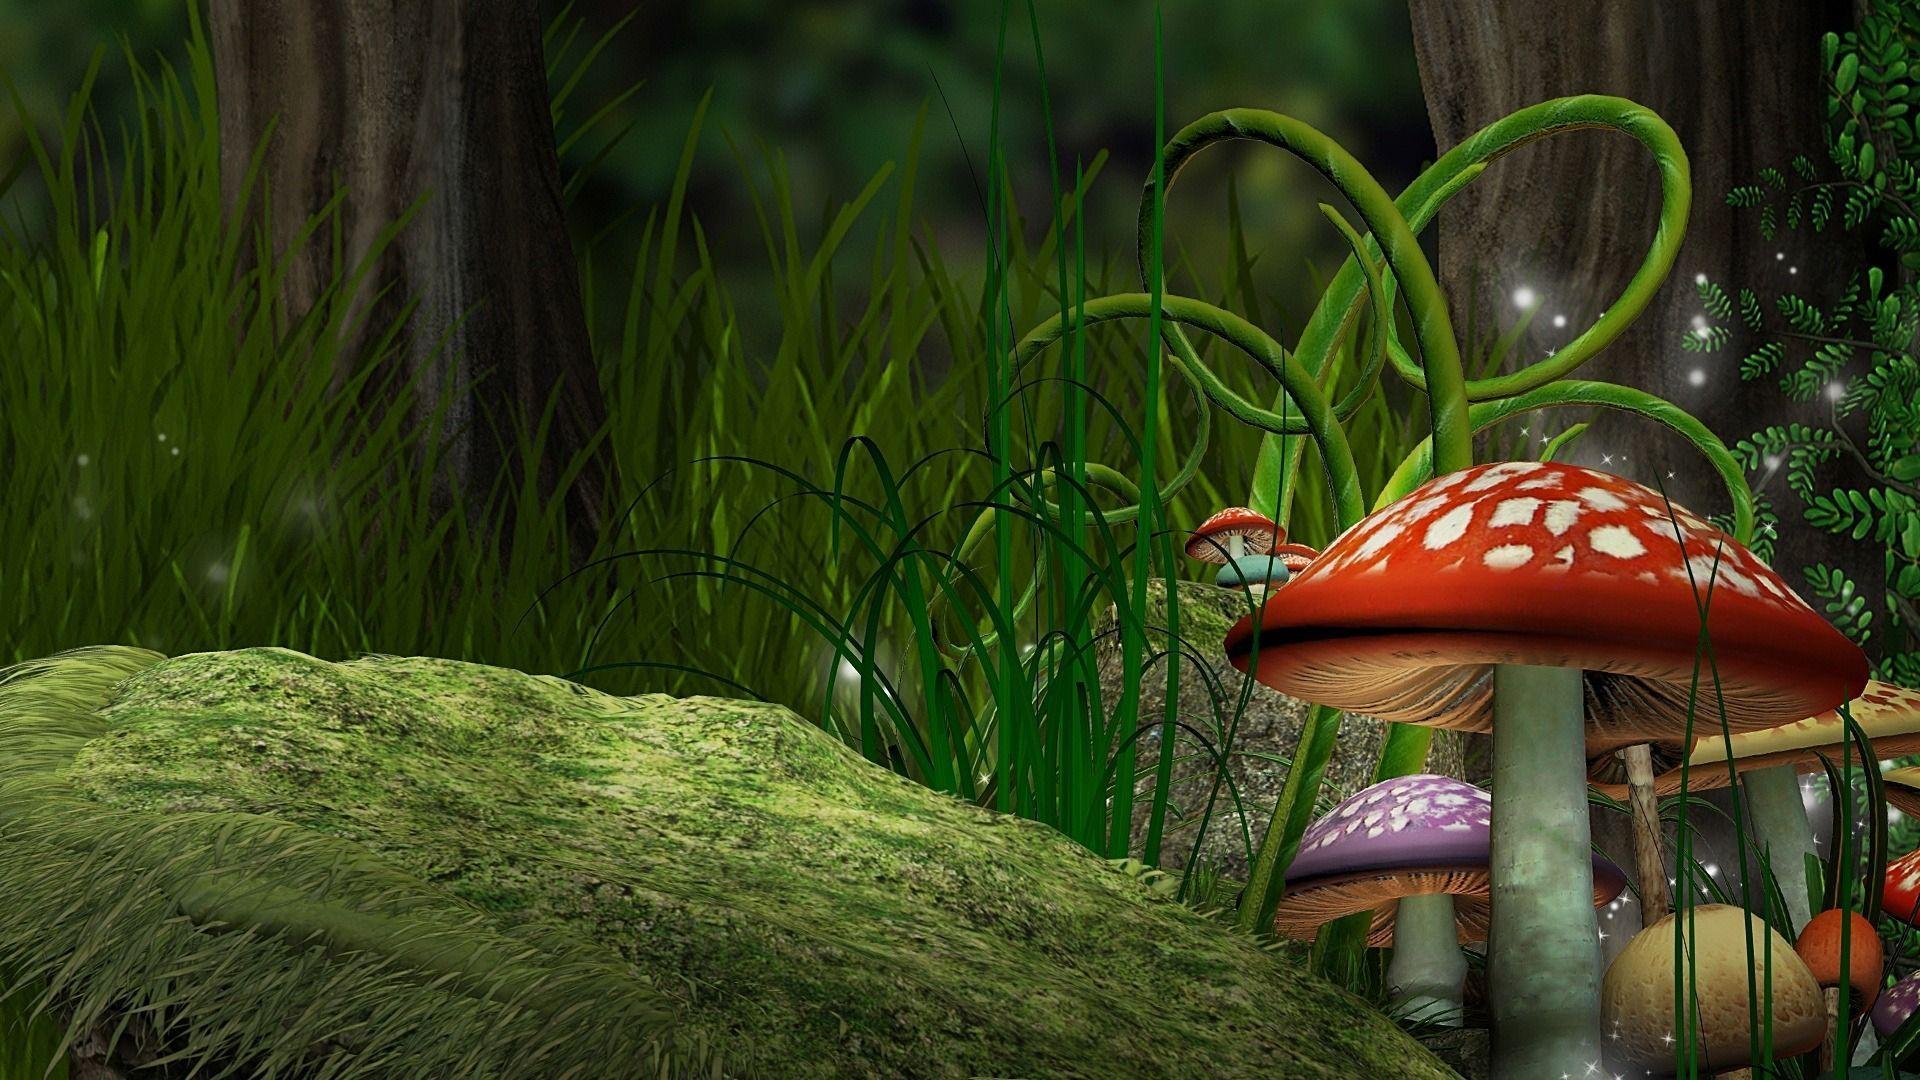 Cute Mushroom Wallpapers Top Free Cute Mushroom Backgrounds Wallpaperaccess